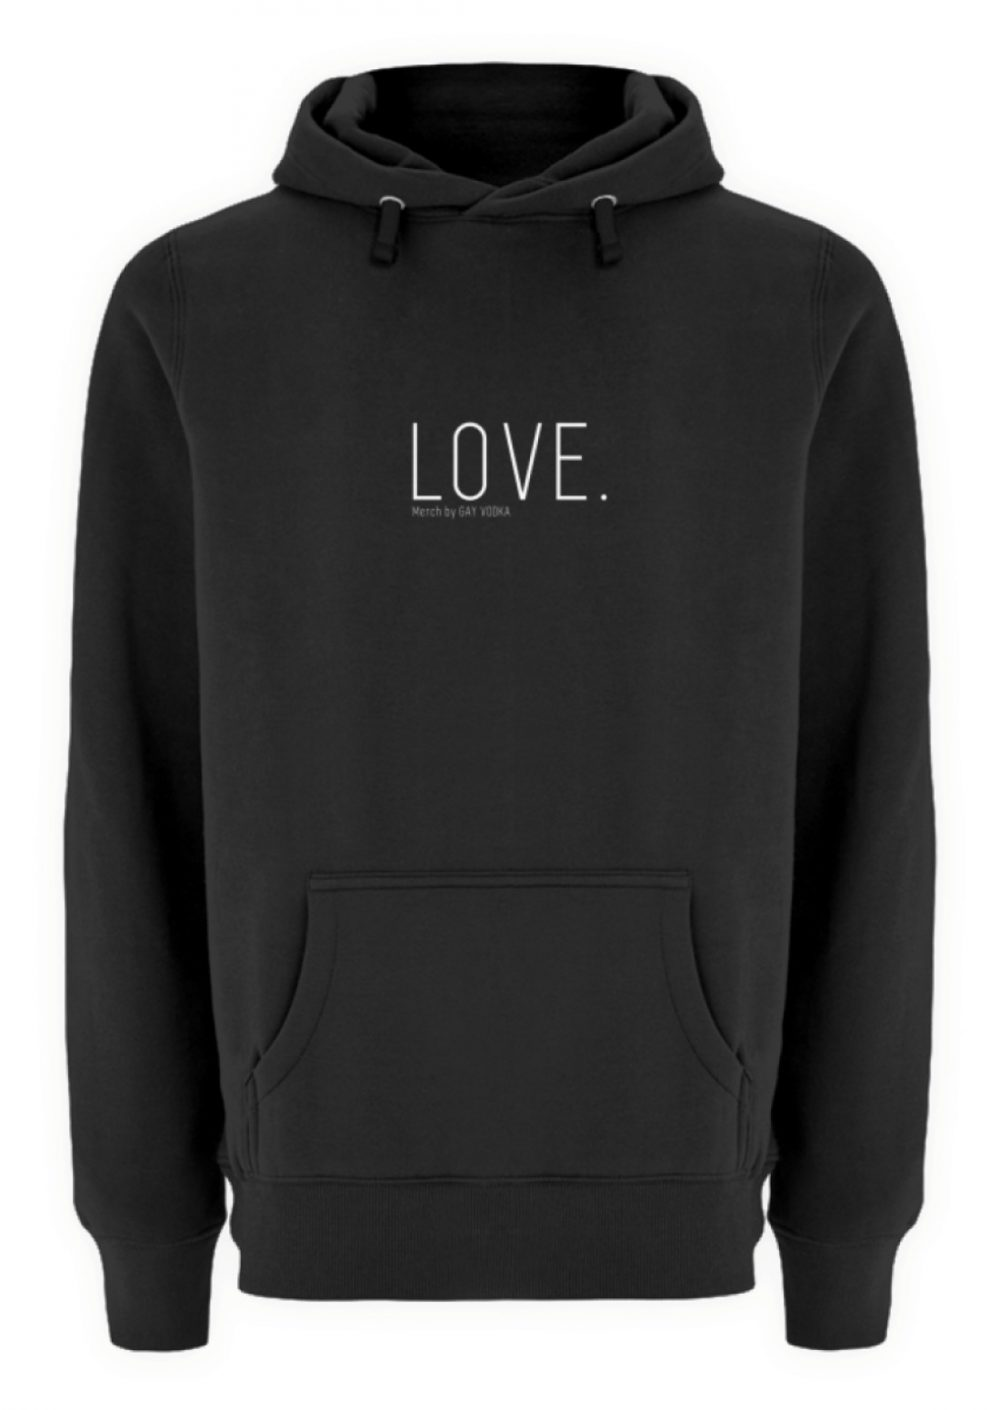 LOVE. - Unisex Premium Kapuzenpullover-16